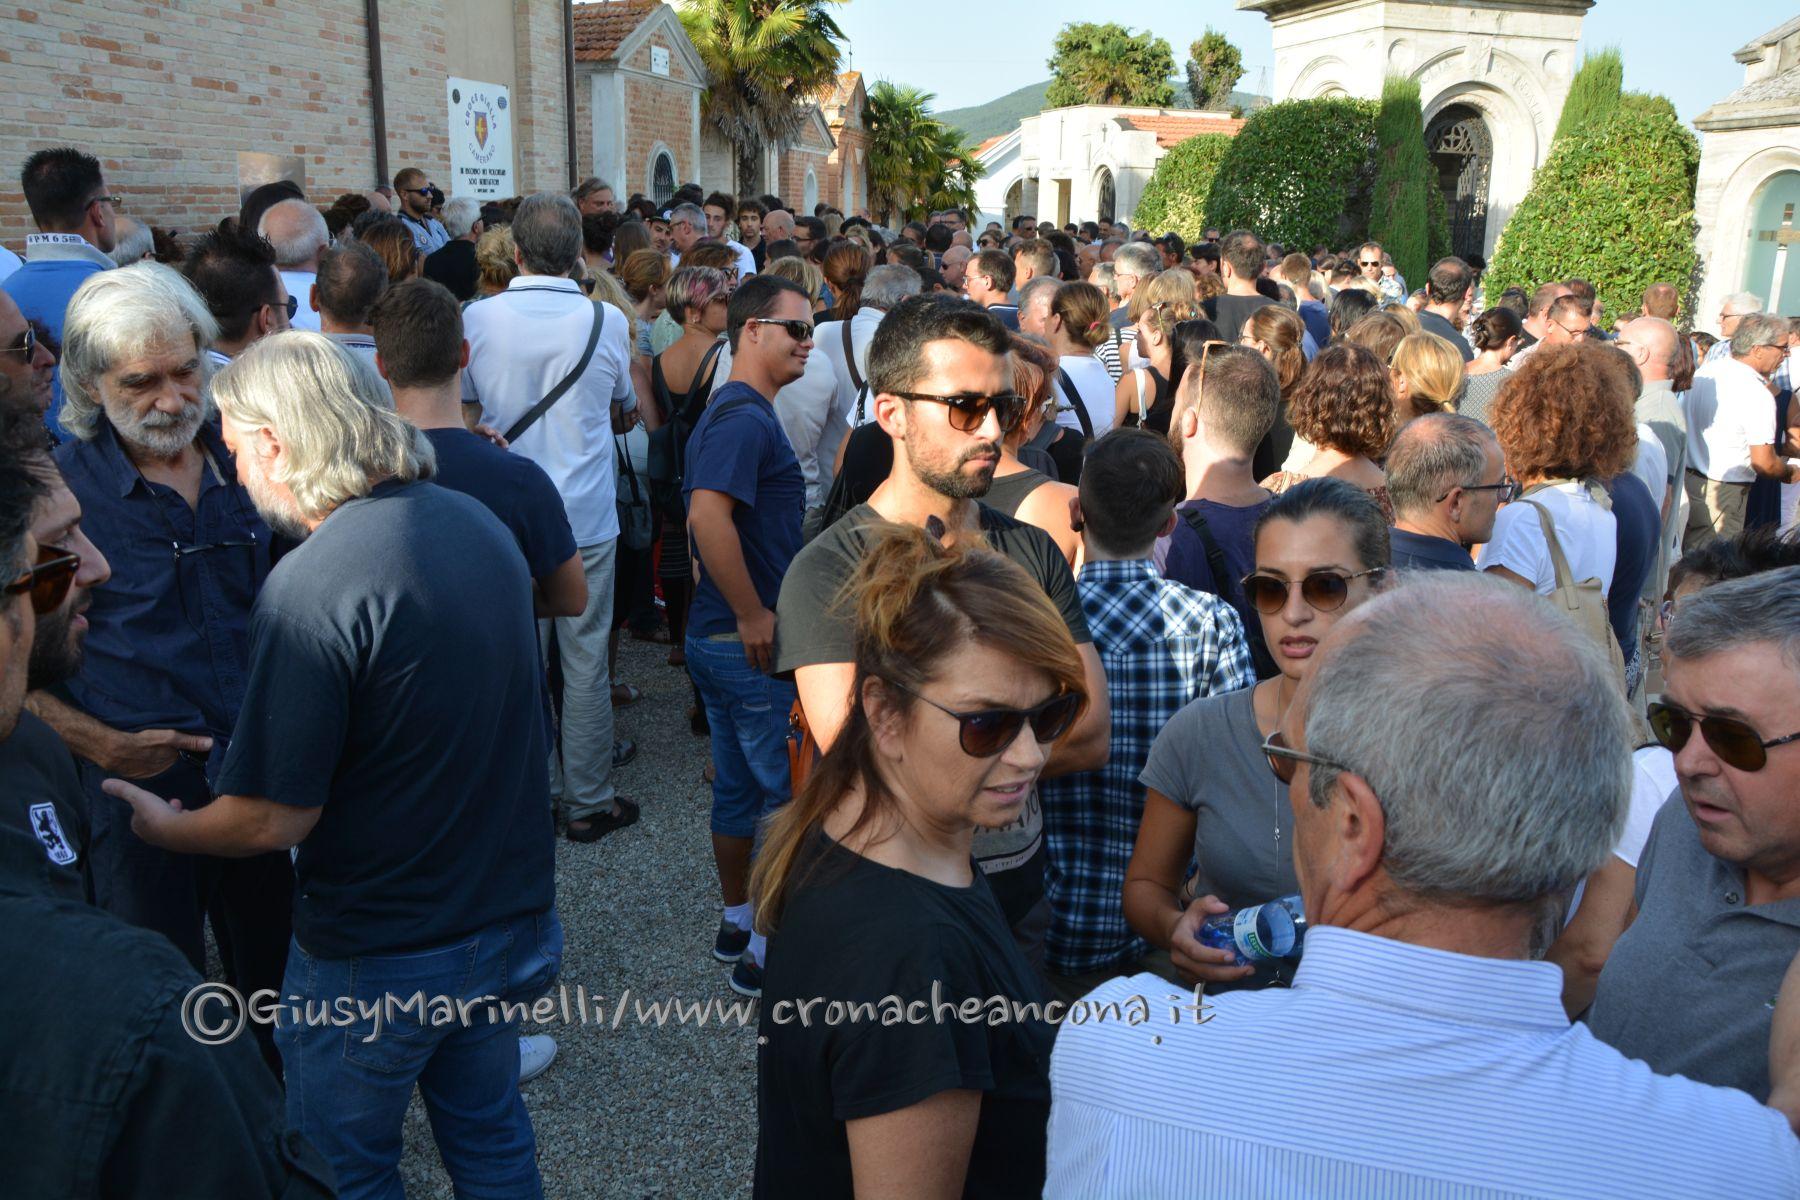 funerali_Raoul_Chiucconi-incidente_Camerano-DSC_0036